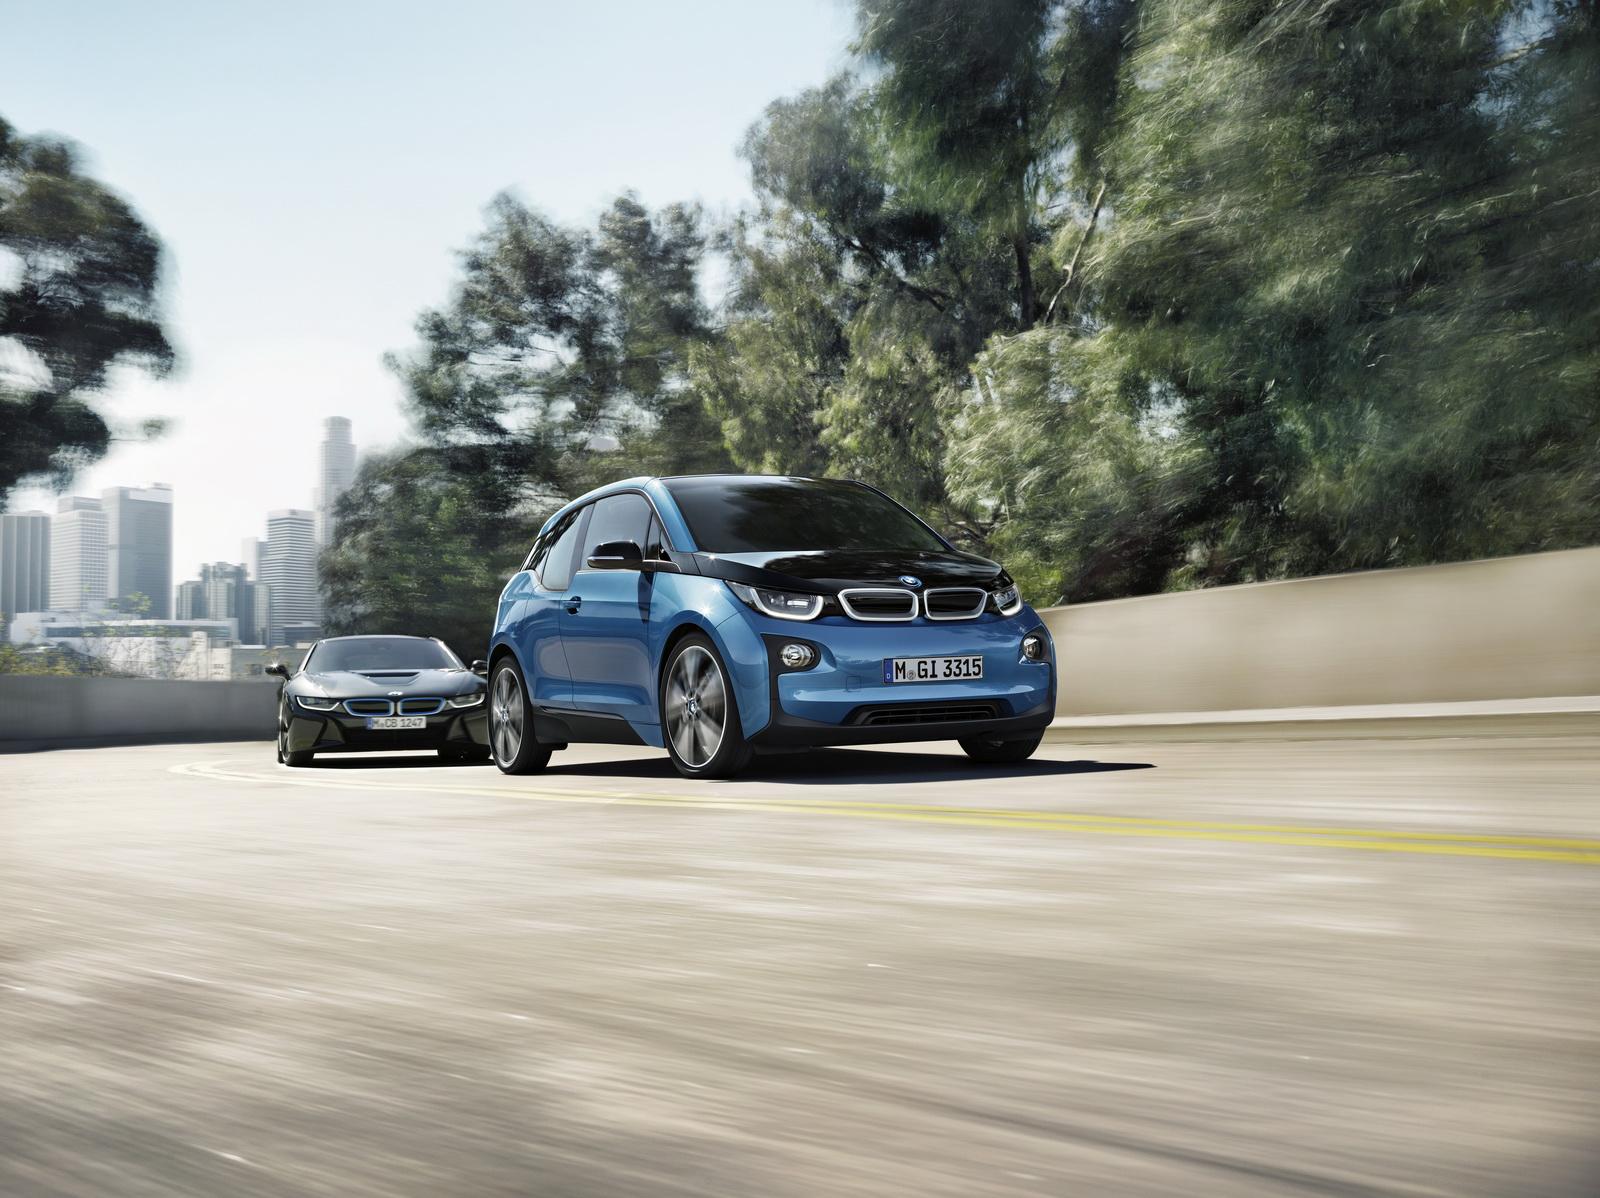 BMW i3 EVs là dòng xe điện cốt lõi của BMW